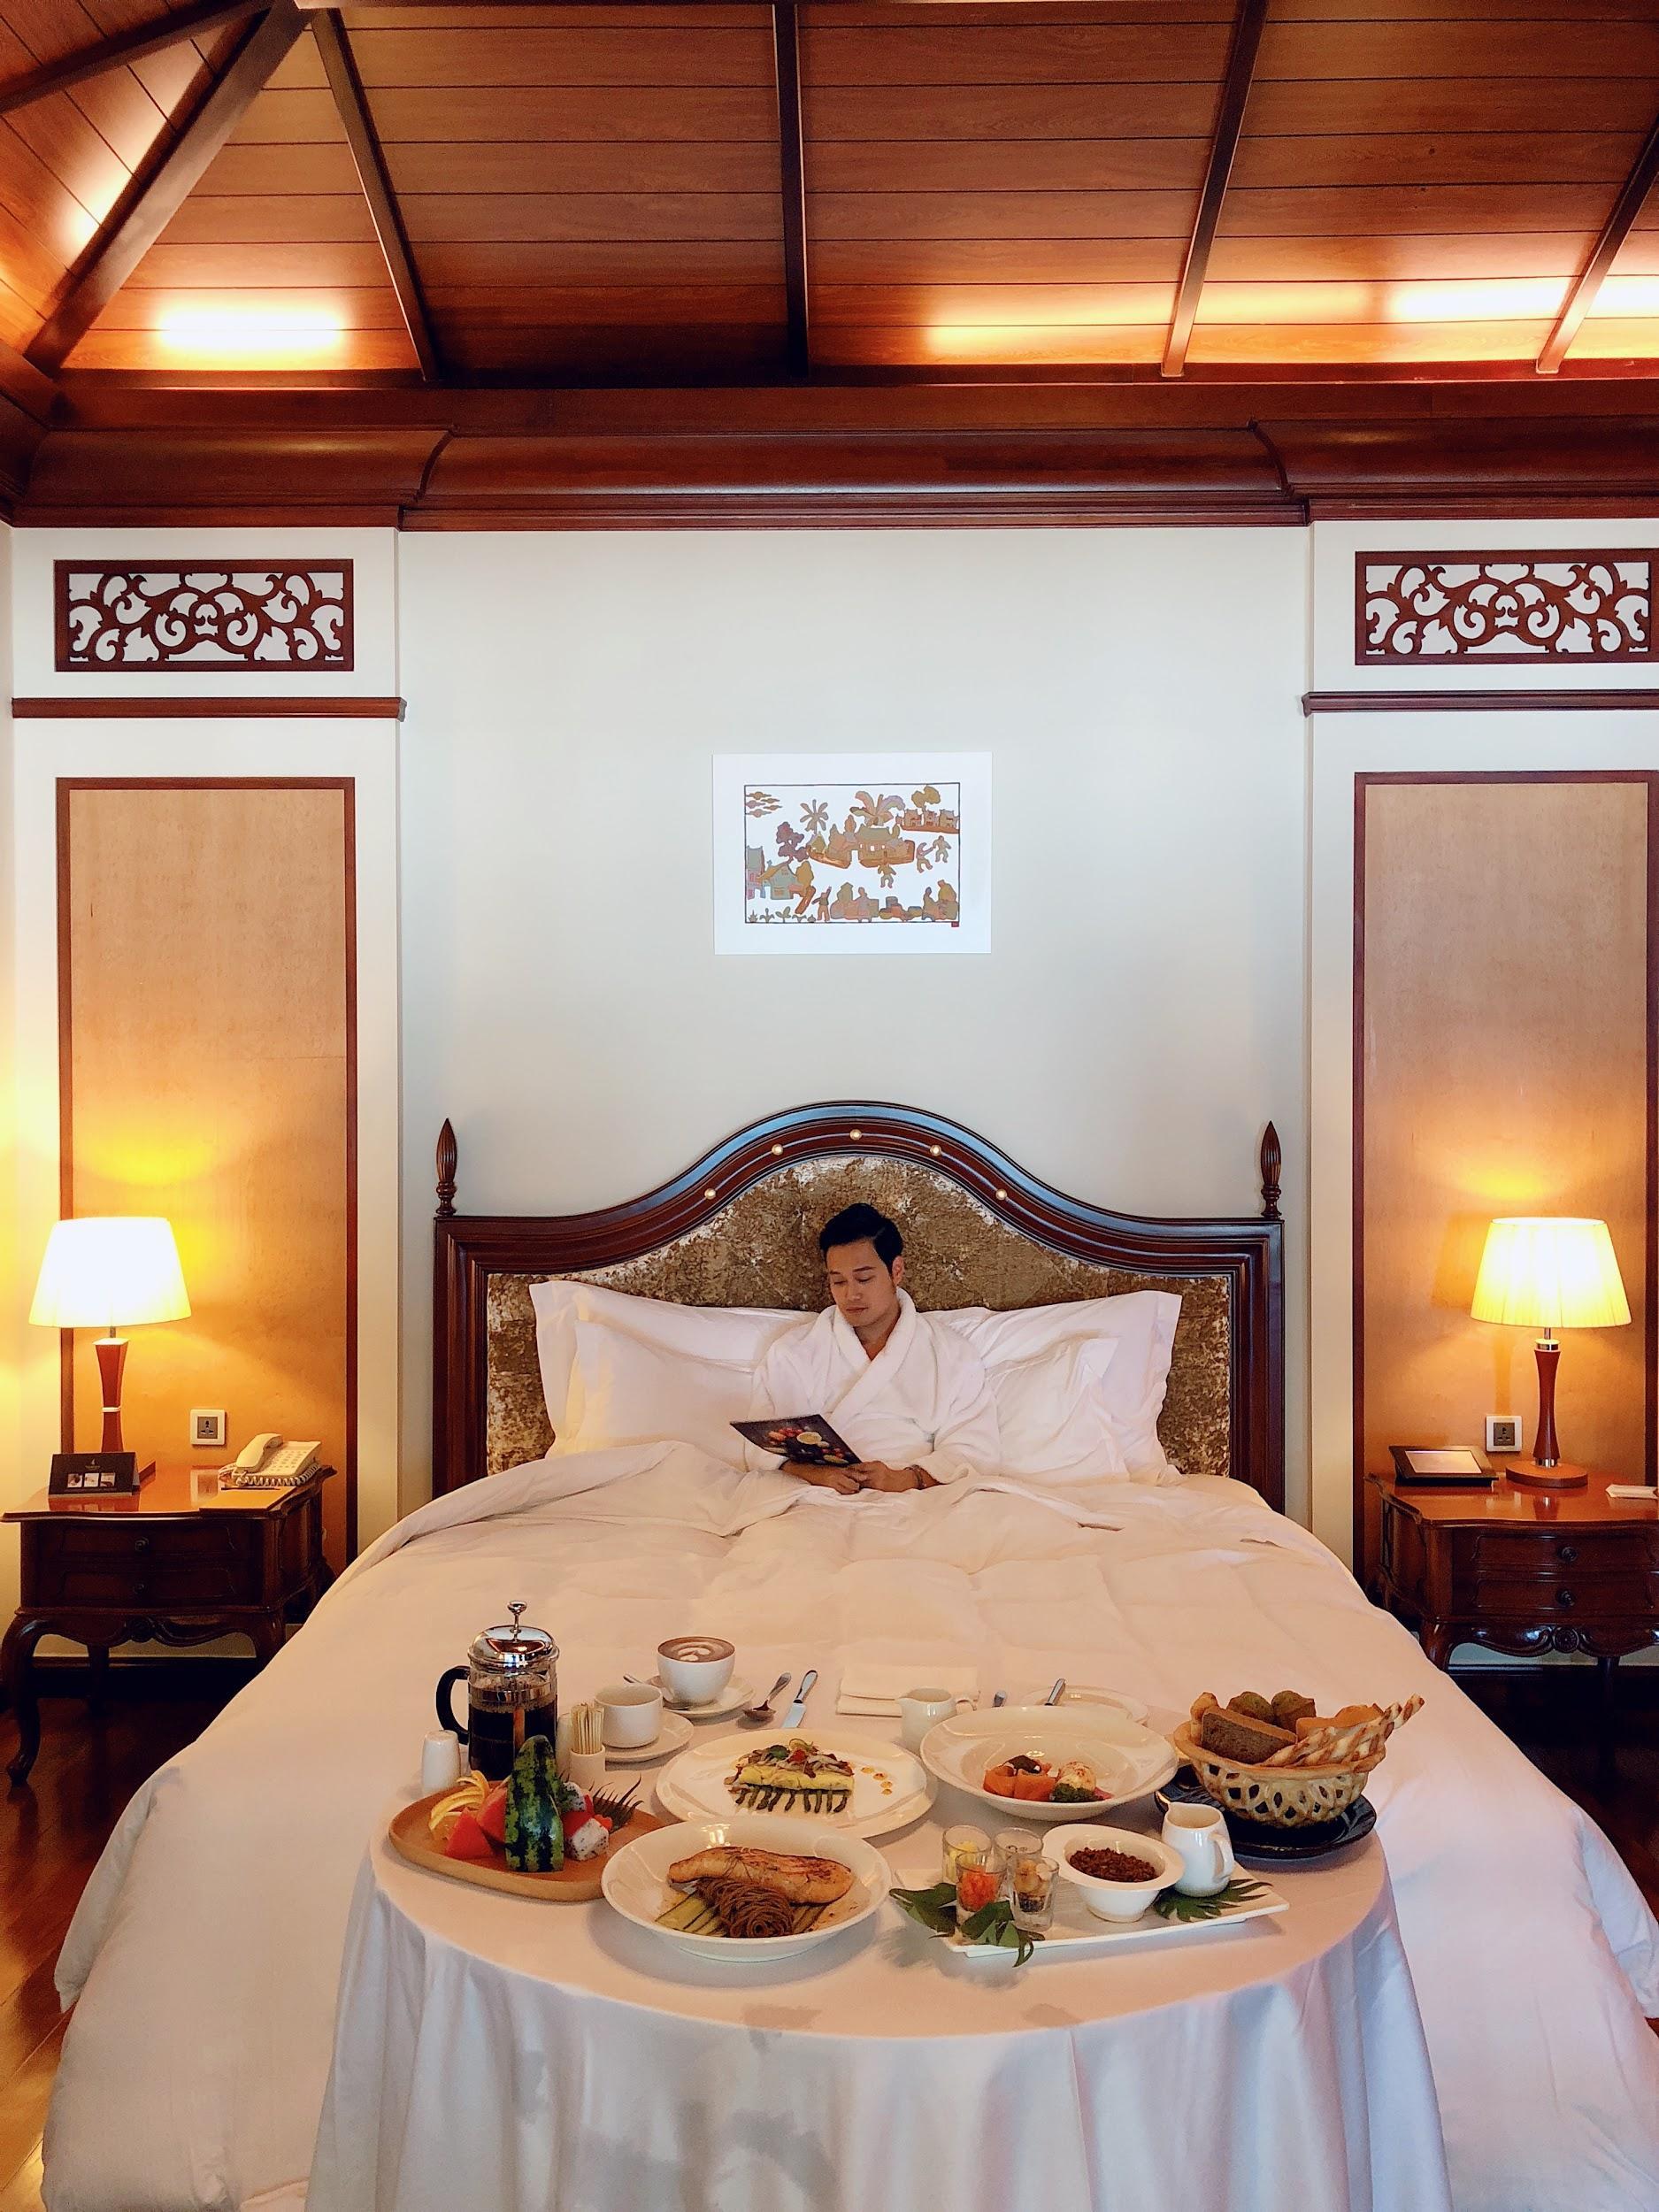 Xem review mới trên Quang Vinh Passport, chỉ muốn đi Nha Trang ngay cho kịp hè! - Ảnh 2.